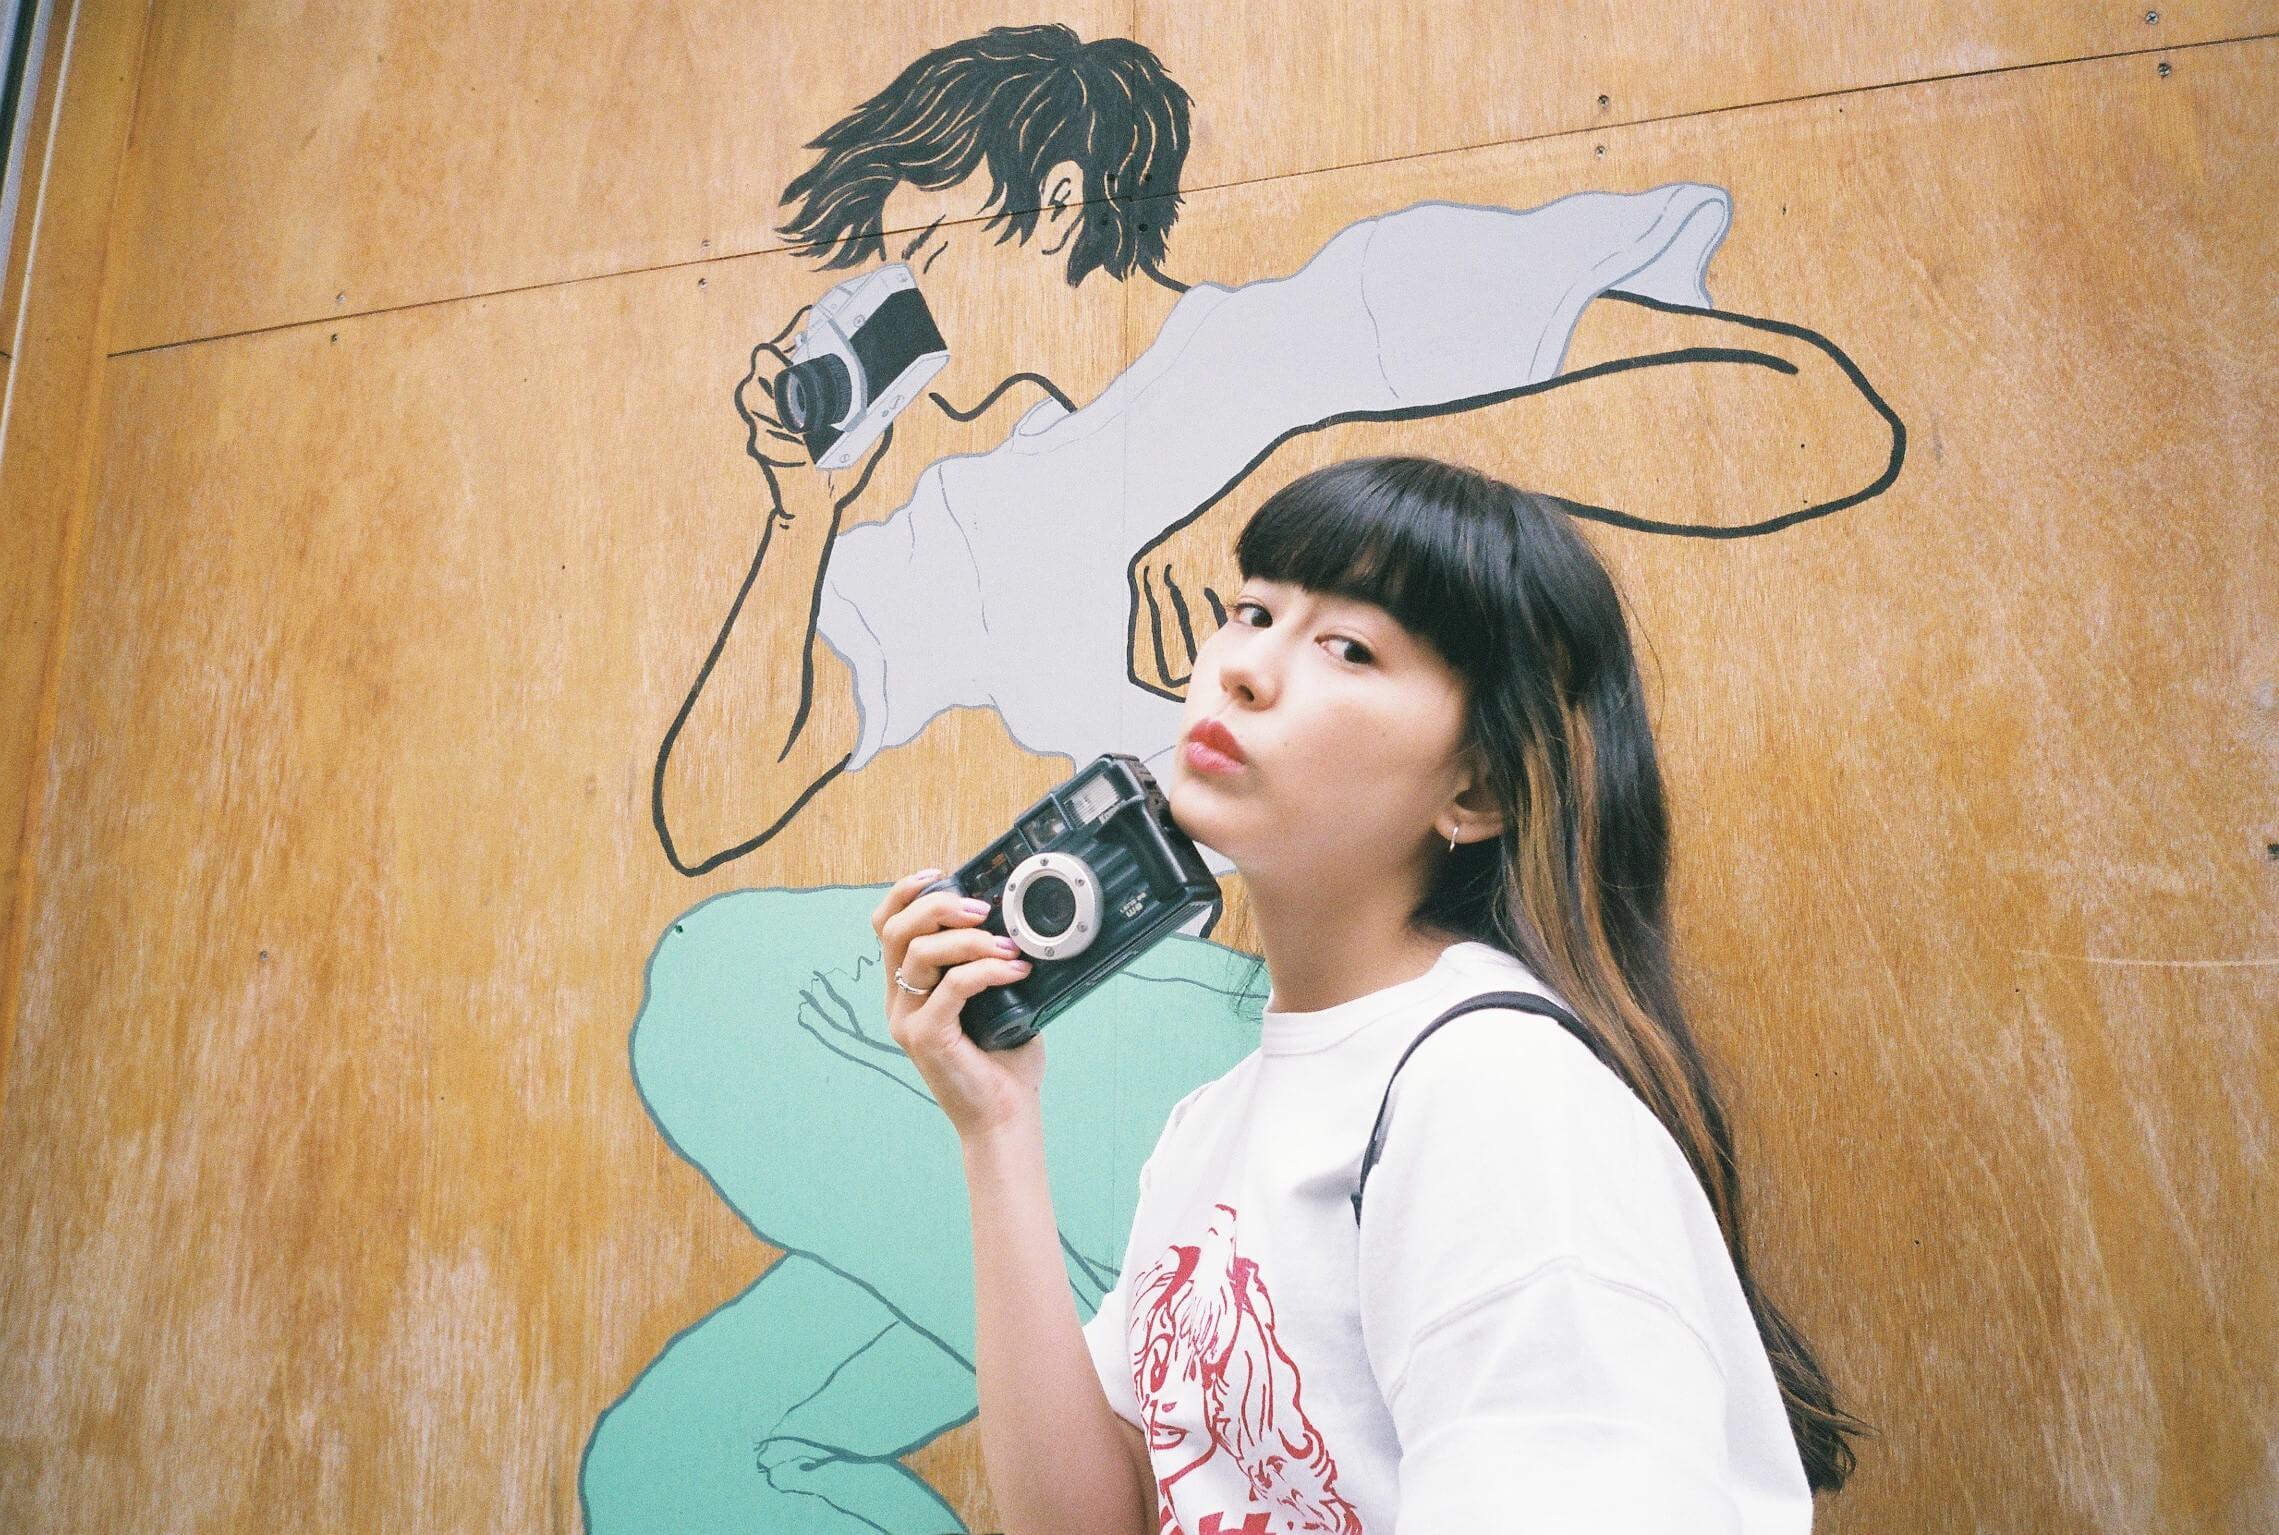 日本文化體驗 #5 底片相機生活啟程篇part 2 第一次用自己的底片相機拍下的照片 拿去照相館顯像囉! 相機、菅沼俞利、